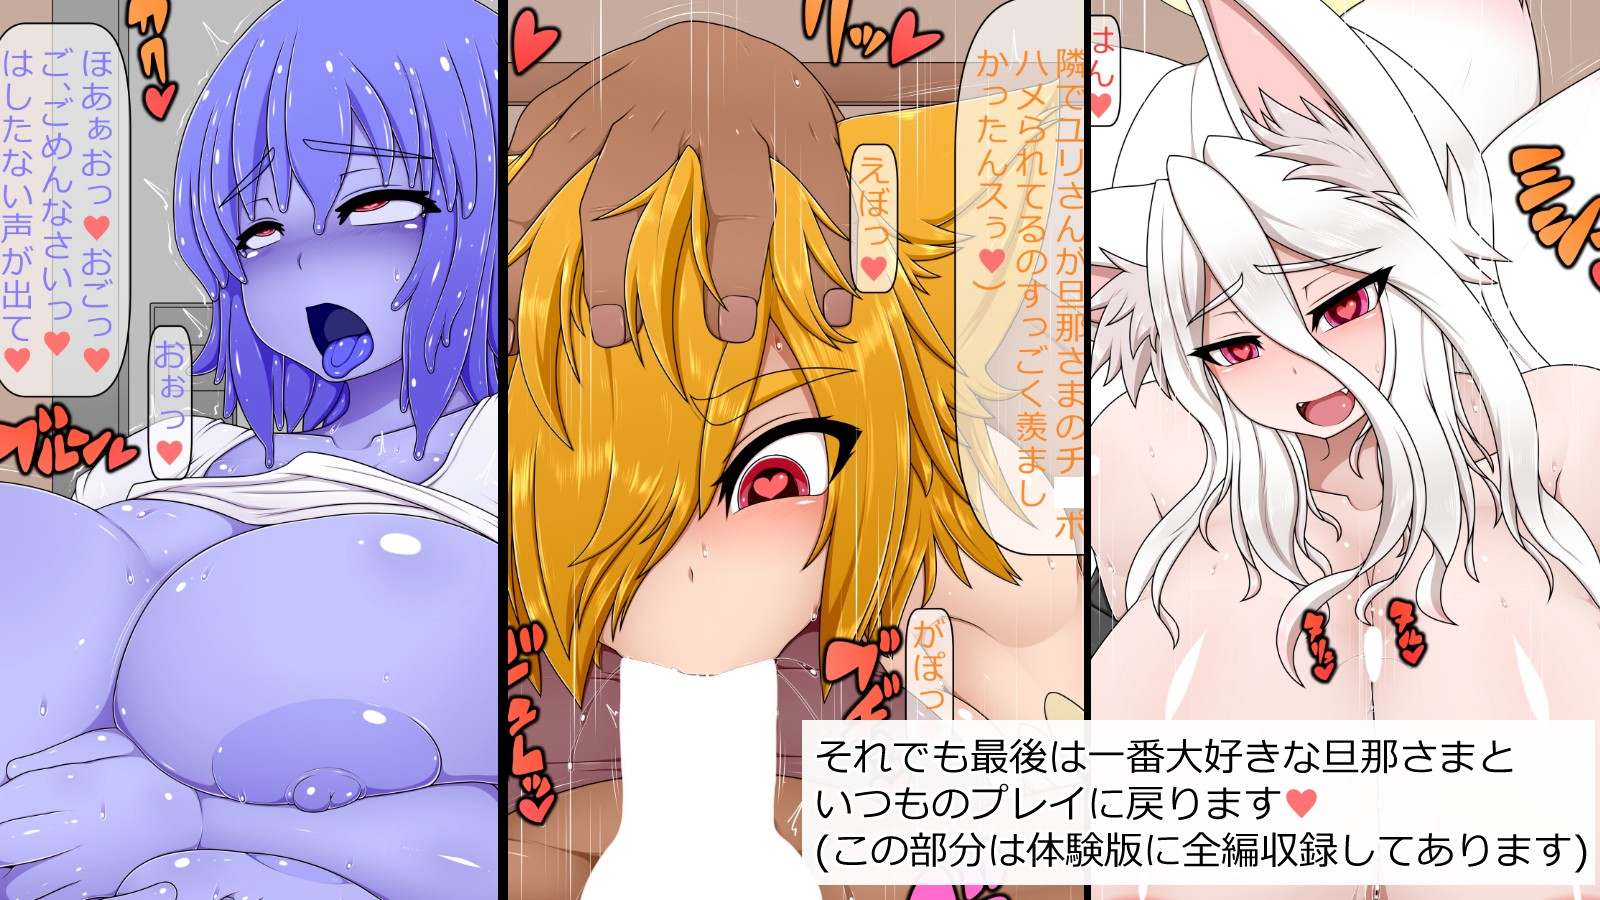 B.O.M 僕のお嫁はモンスター〜セックスバトル特別編〜